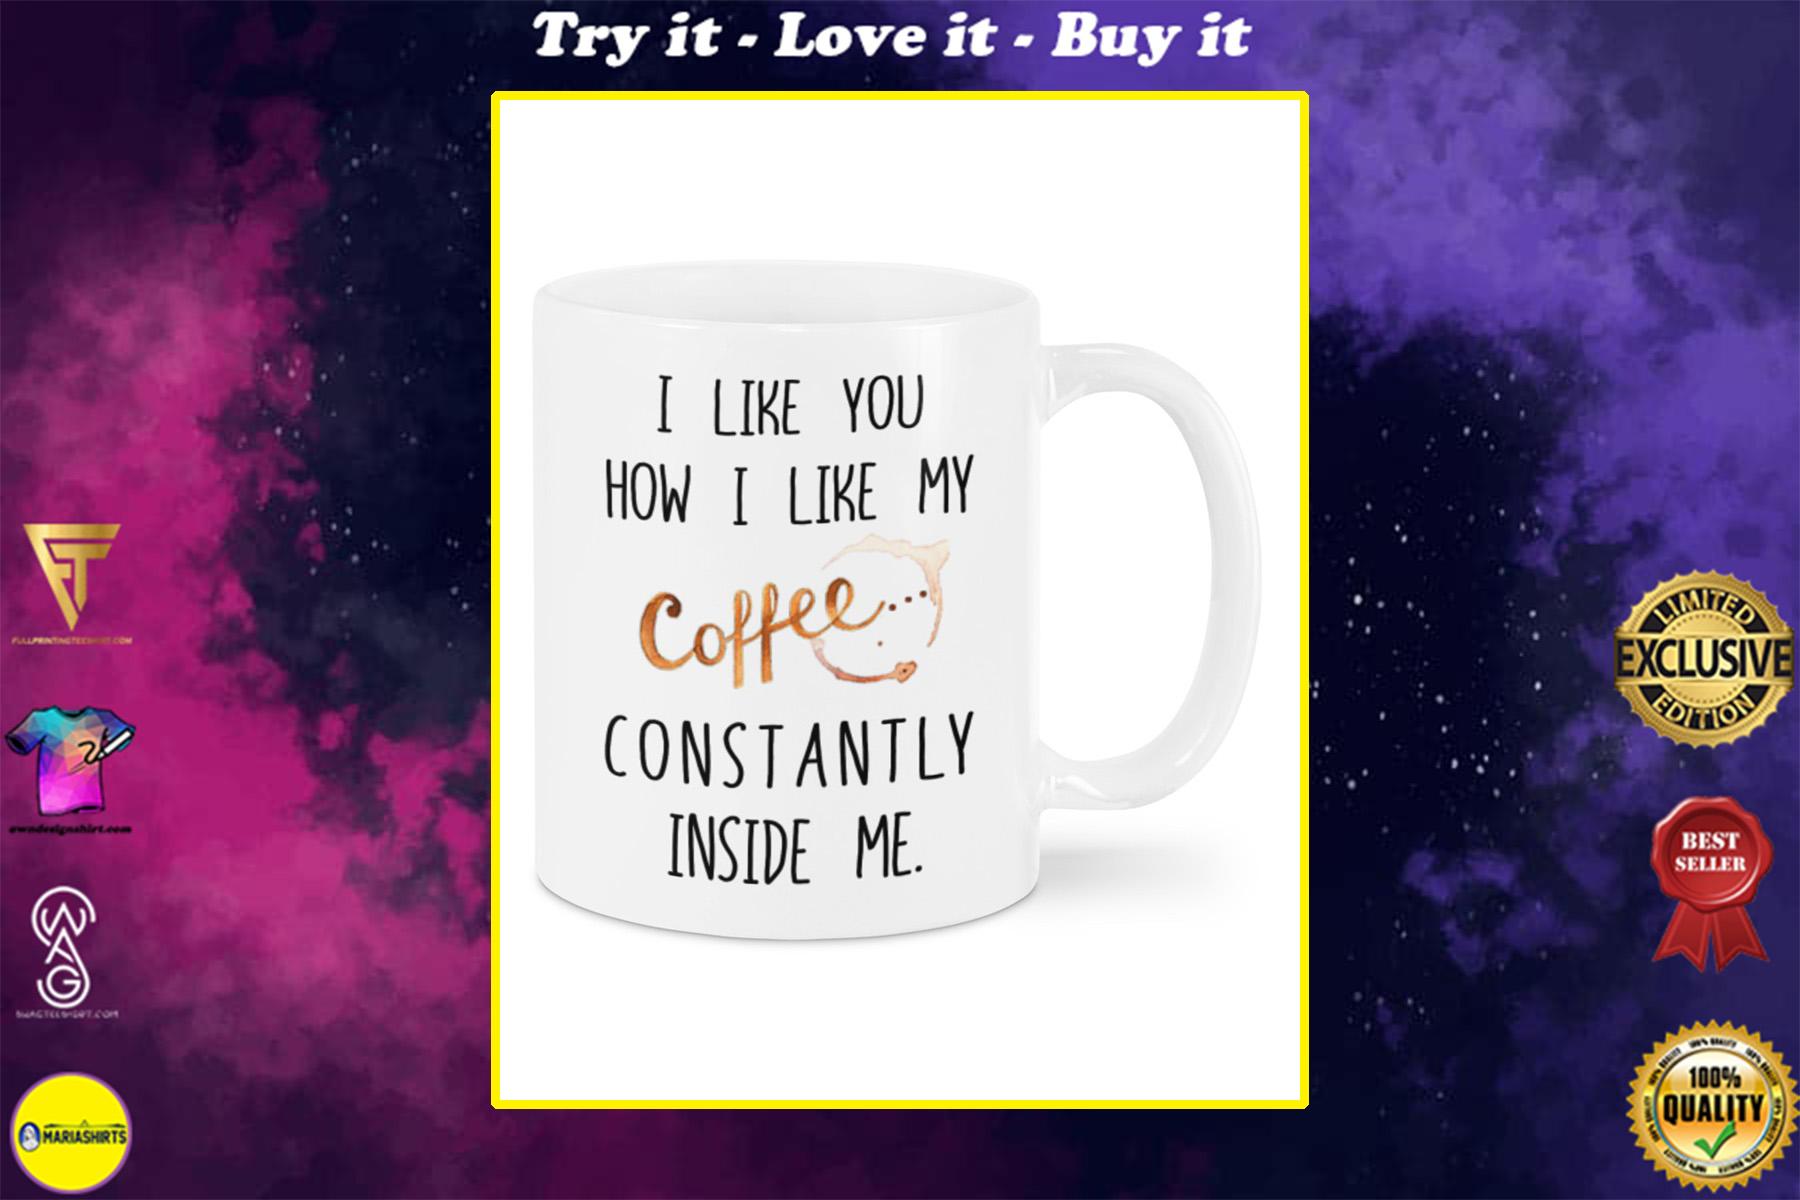 i like you how i like my coffee constantly inside me valentine's day gift mug